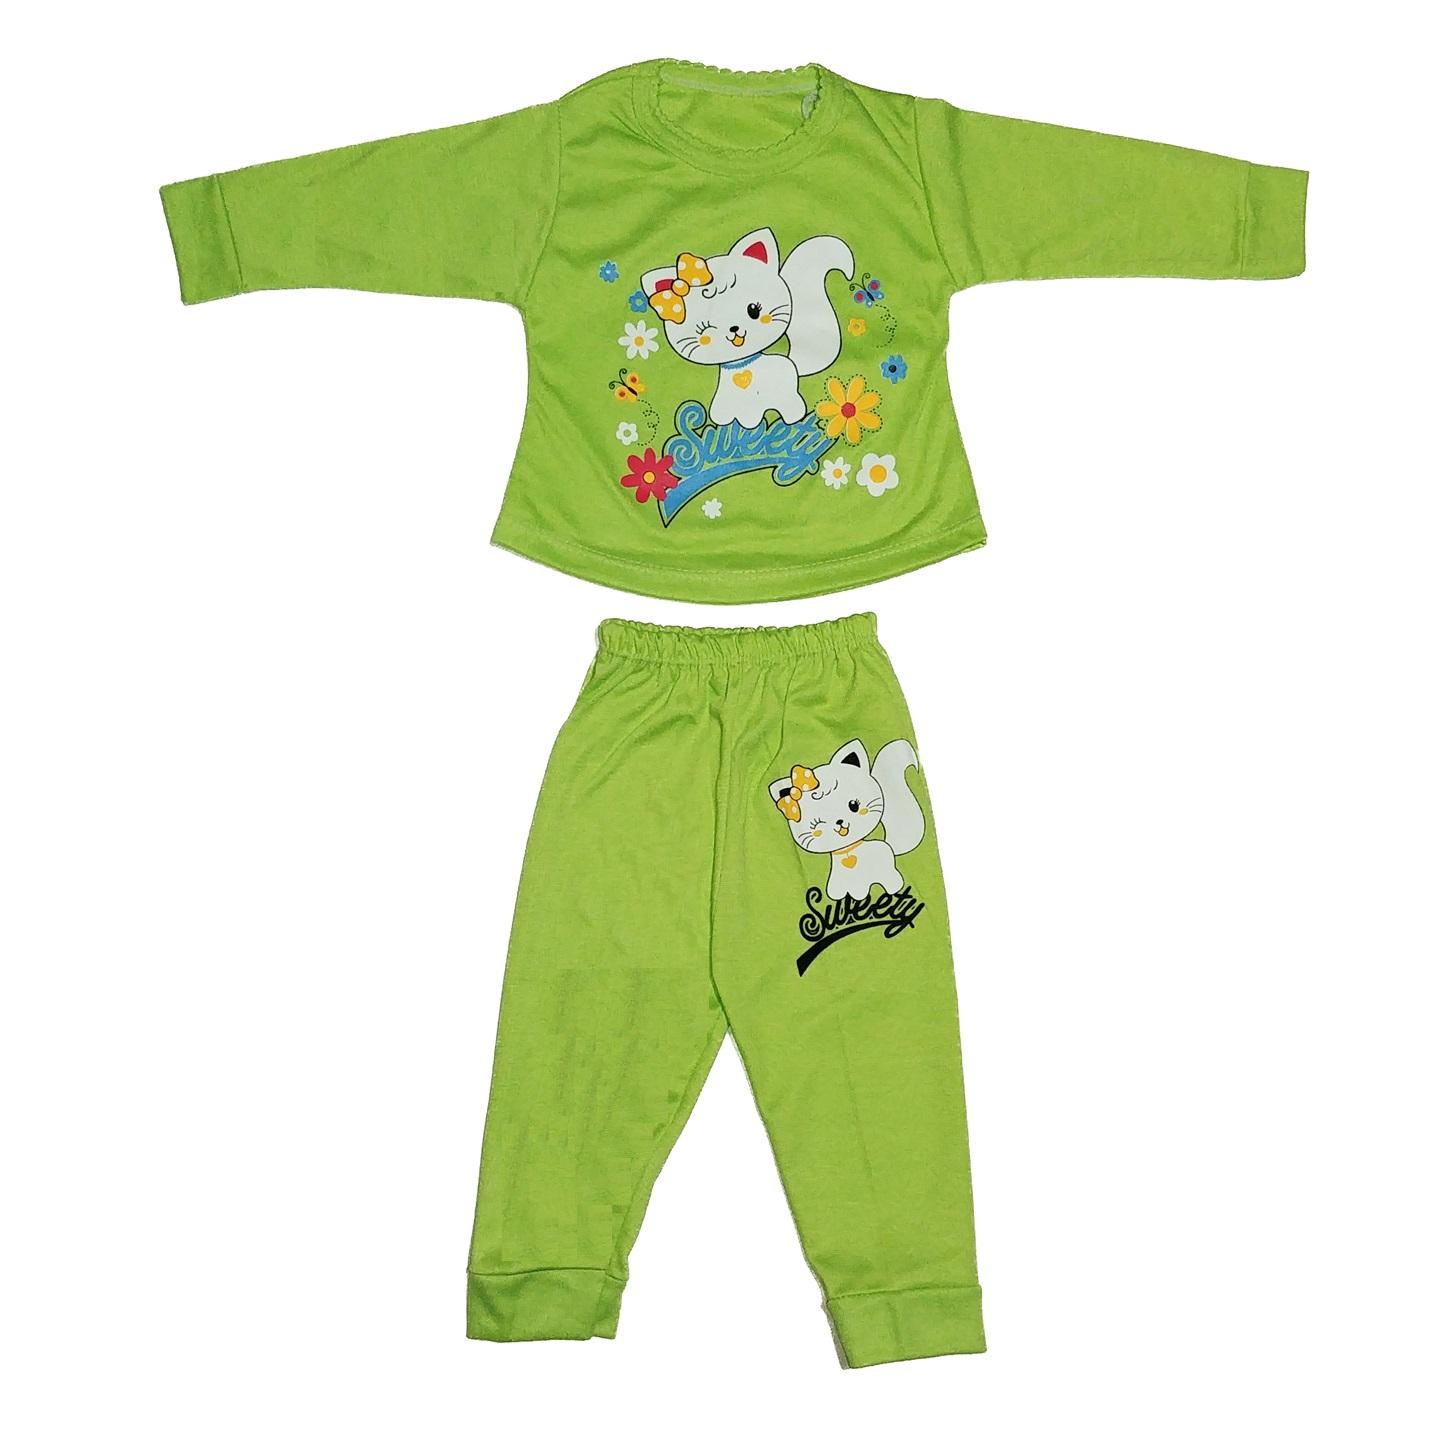 ست تی شرت و شلوار نوزادی دخترانه کد 8888SA